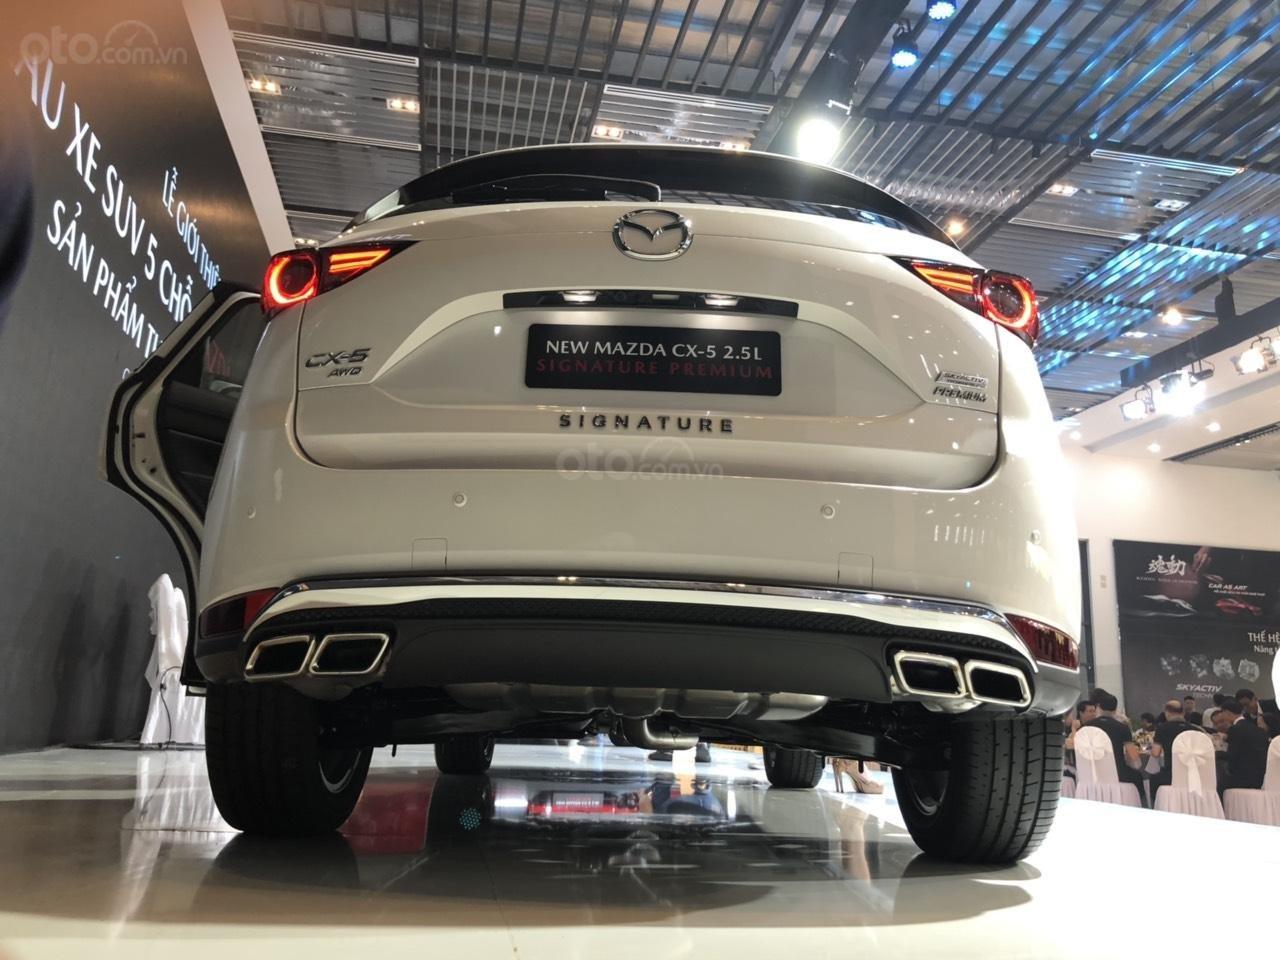 Giá xe Mazda CX-5 sau ưu đãi, tăng cao nhất 30 triệu đồng a3